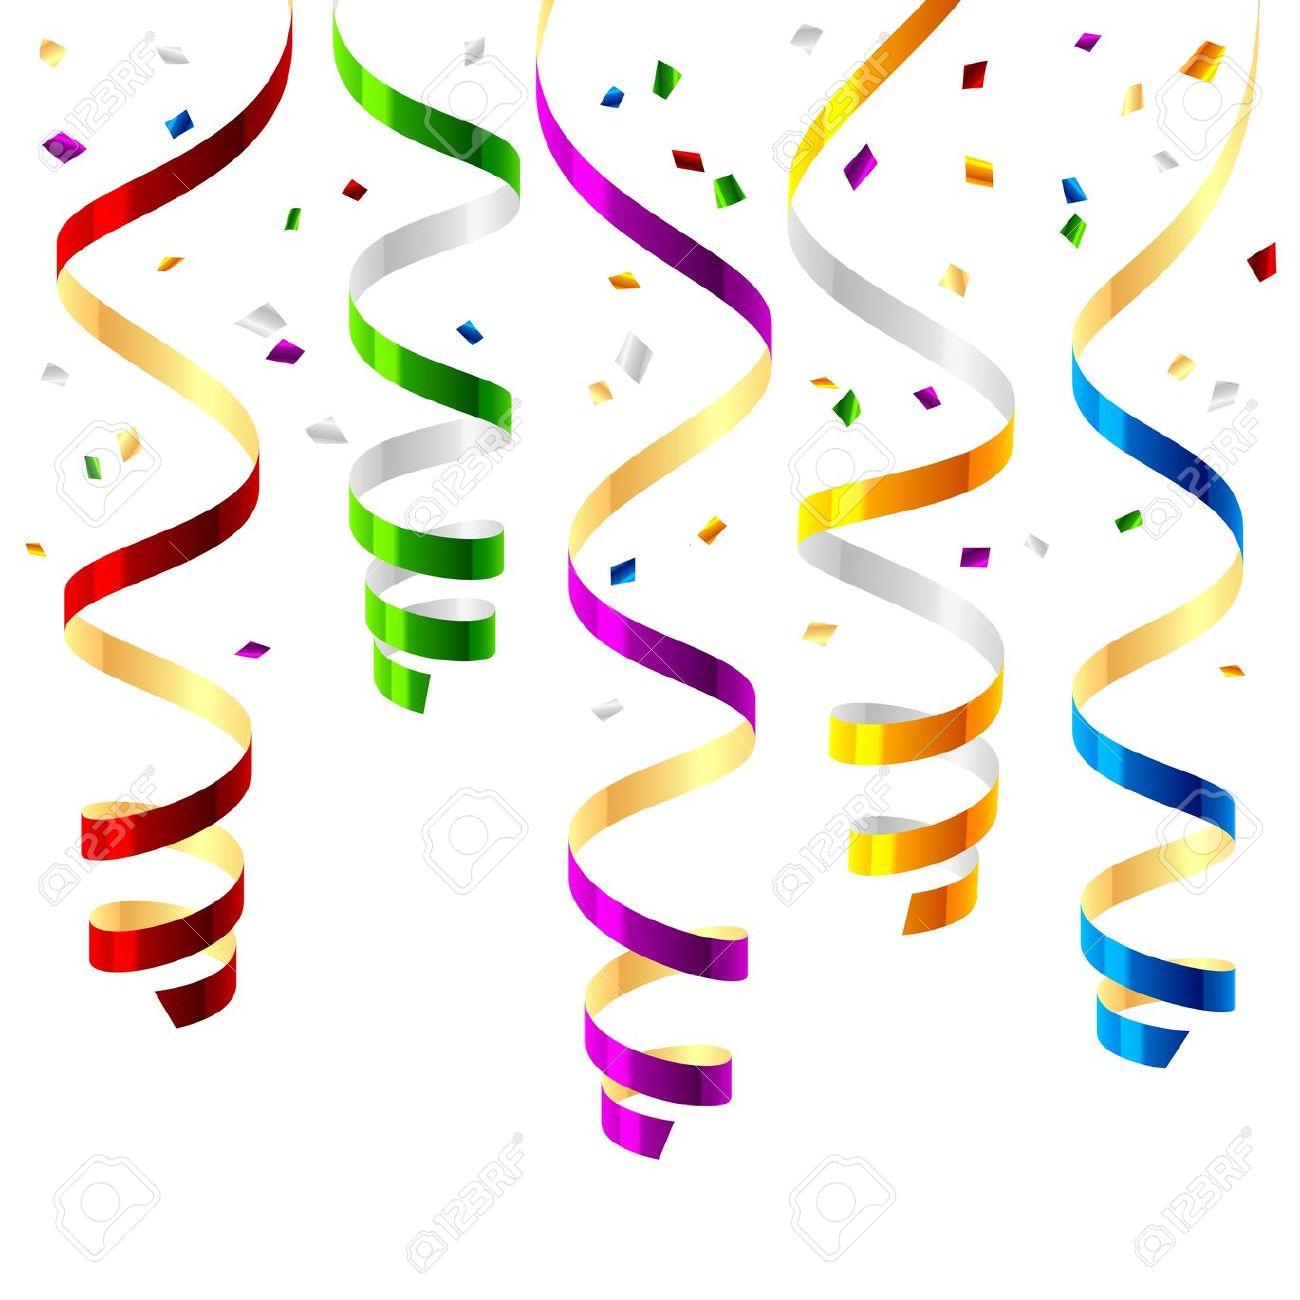 Carneval clipart confetti Party streamer clipart streamer clipart